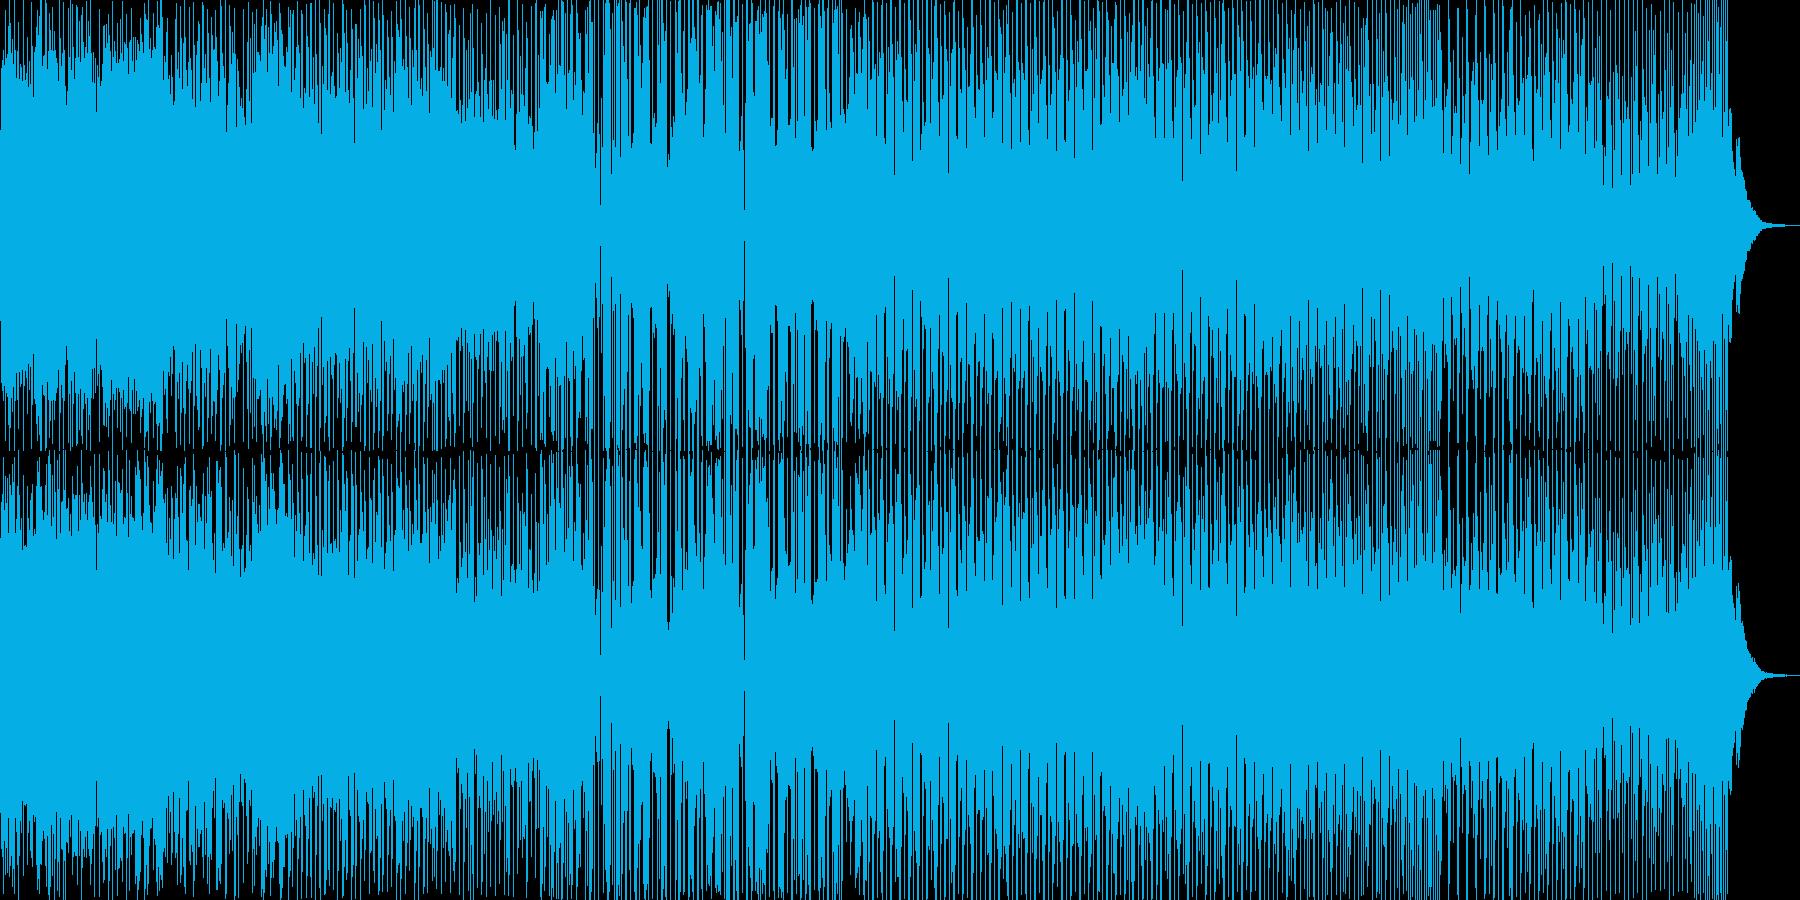 シンセ主体のクールなダンストラックの再生済みの波形